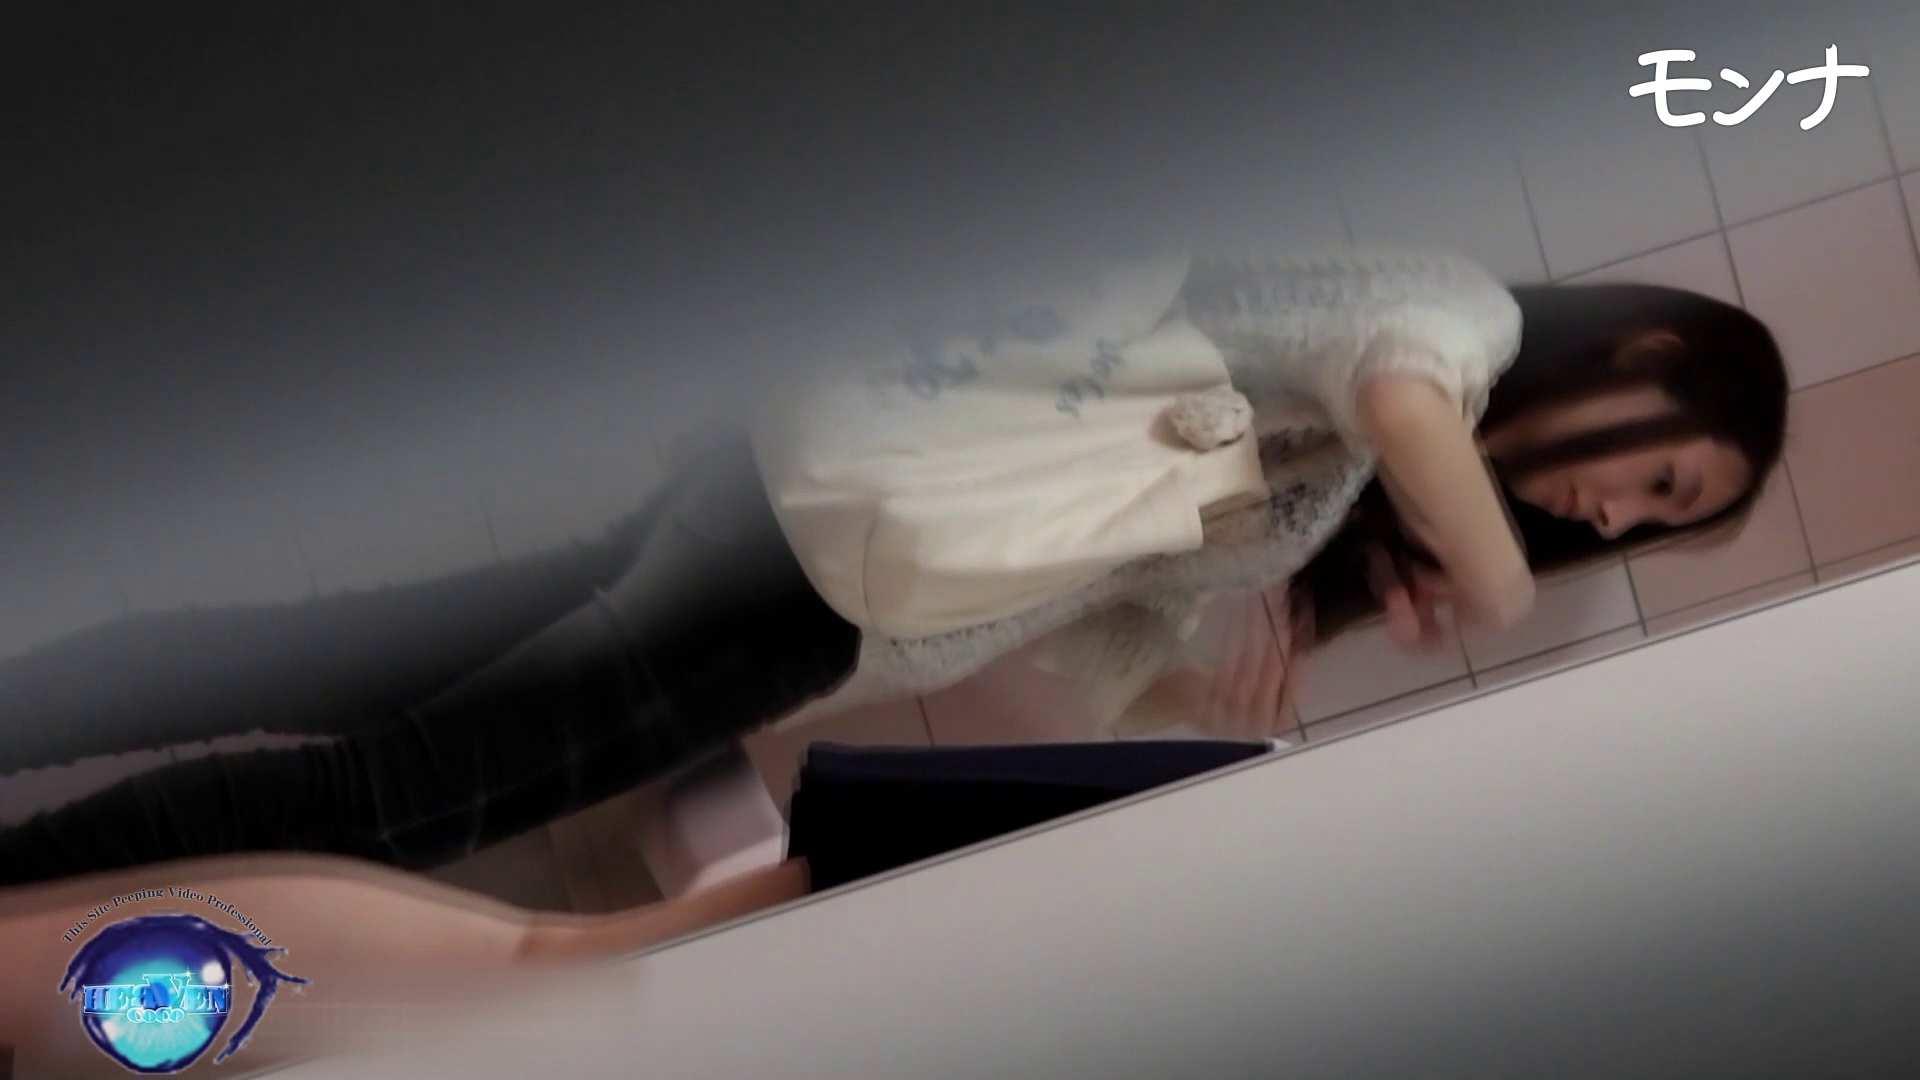 【美しい日本の未来】美しい日本の未来 No.87前編 お尻 | アナル  107画像 23